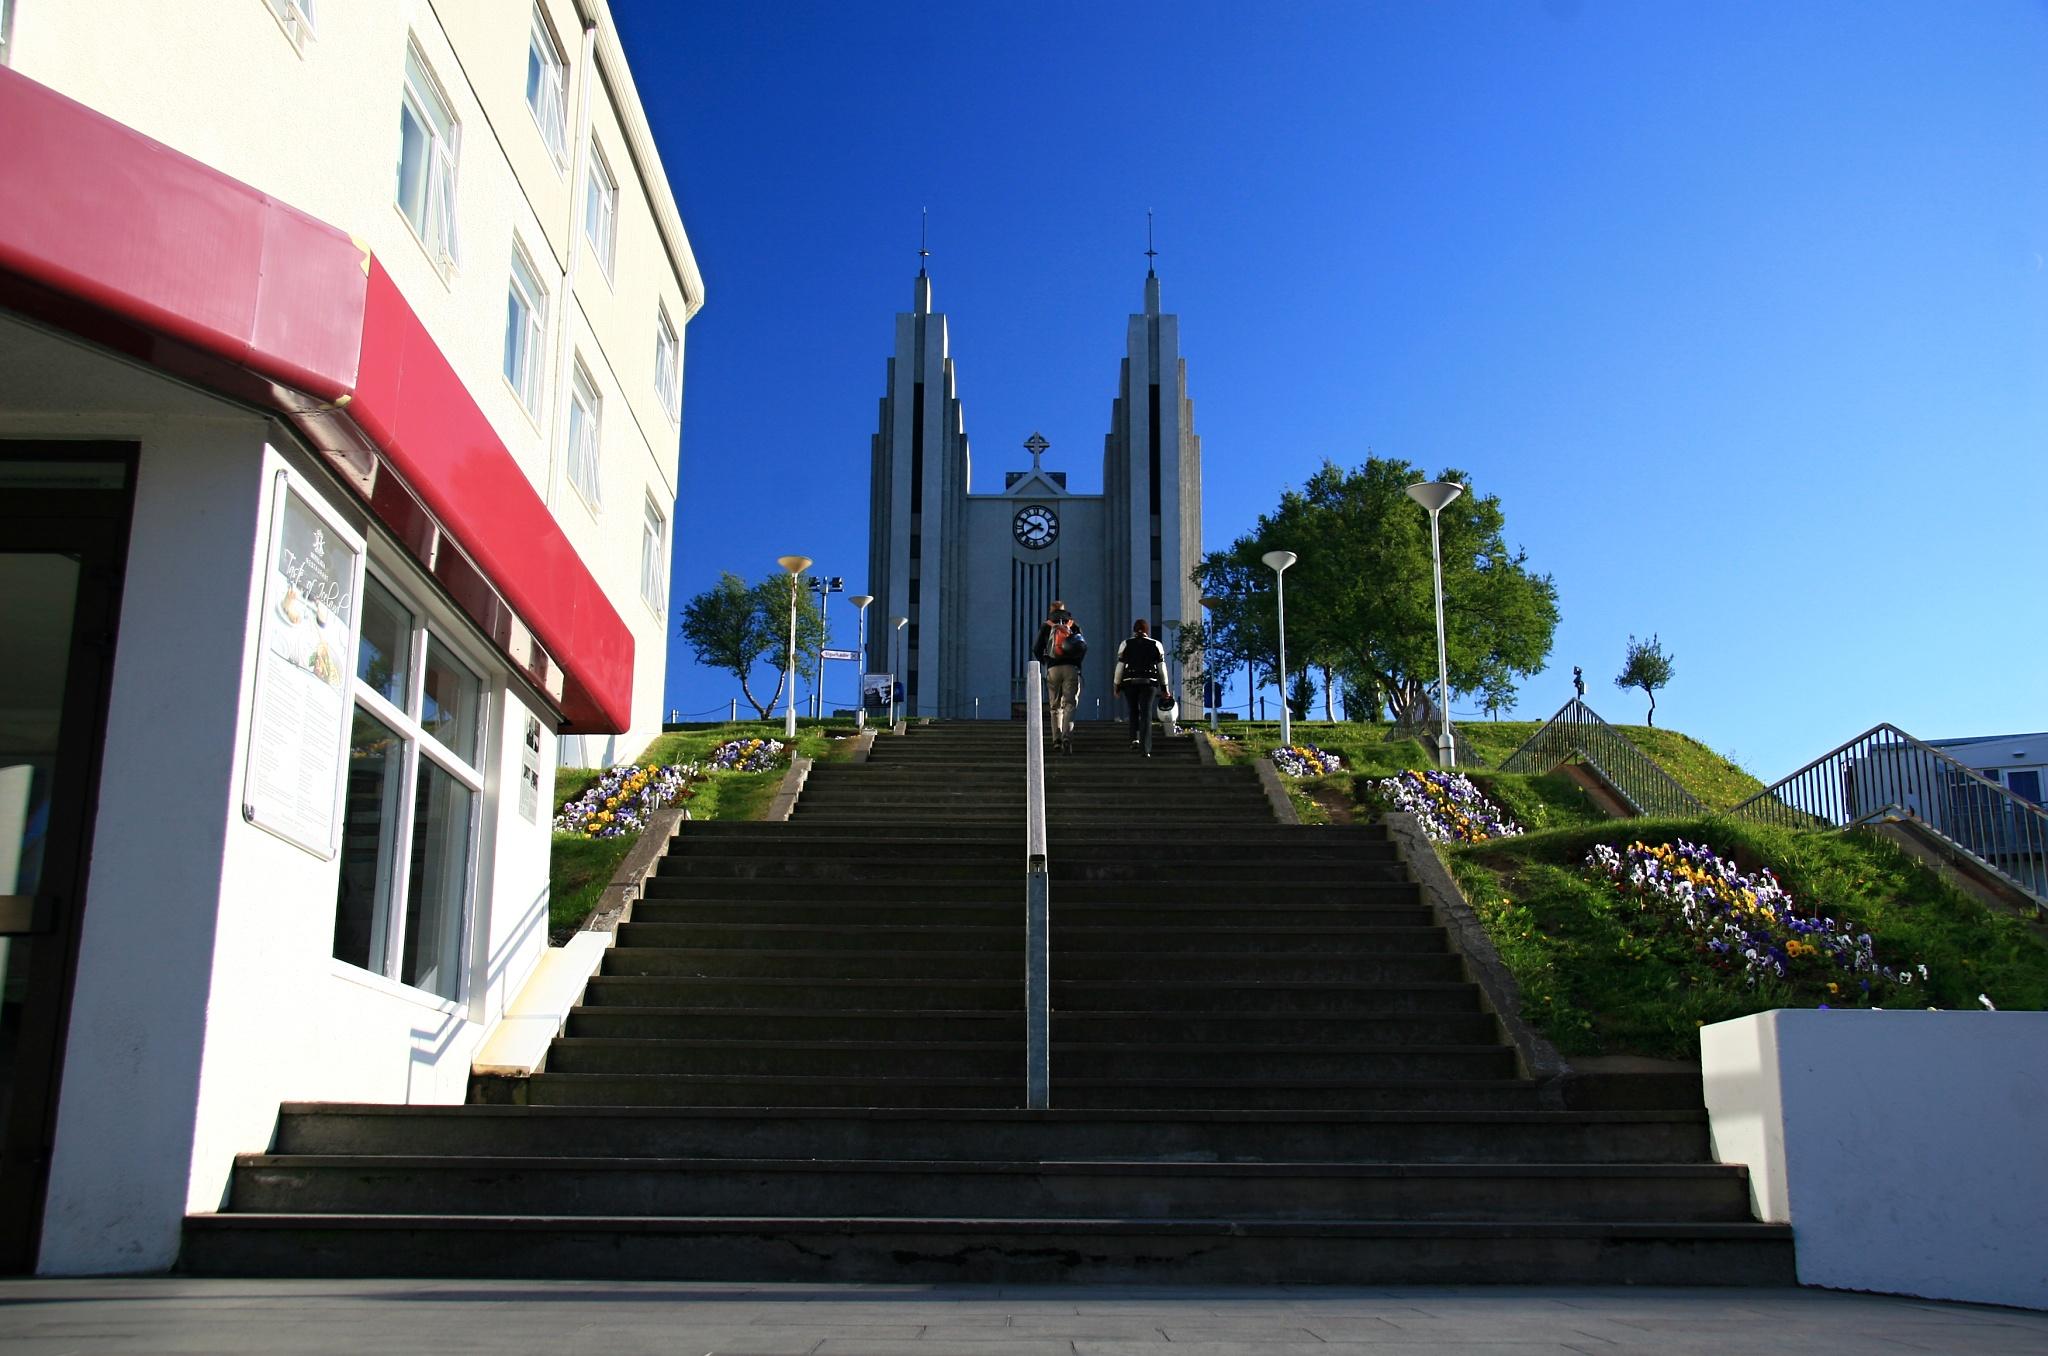 Schodiště ke kostelu Akureyrarkirkja